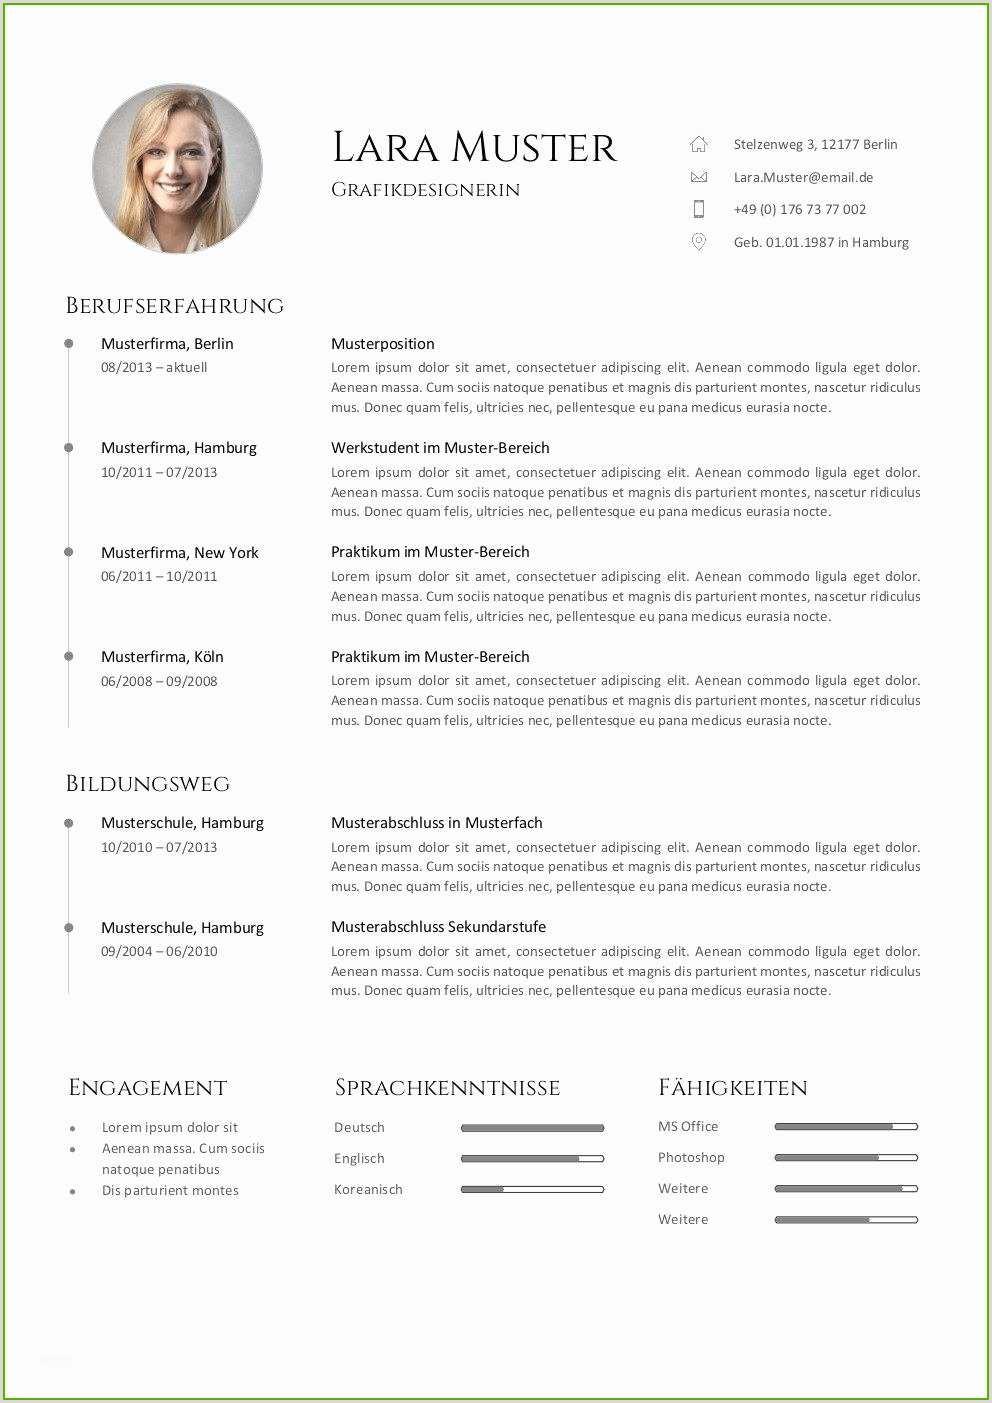 Lebenslauf Muster Mac Lebenslauf Vorlage Openoffice Mac 16 Optionen Sie Jetzt